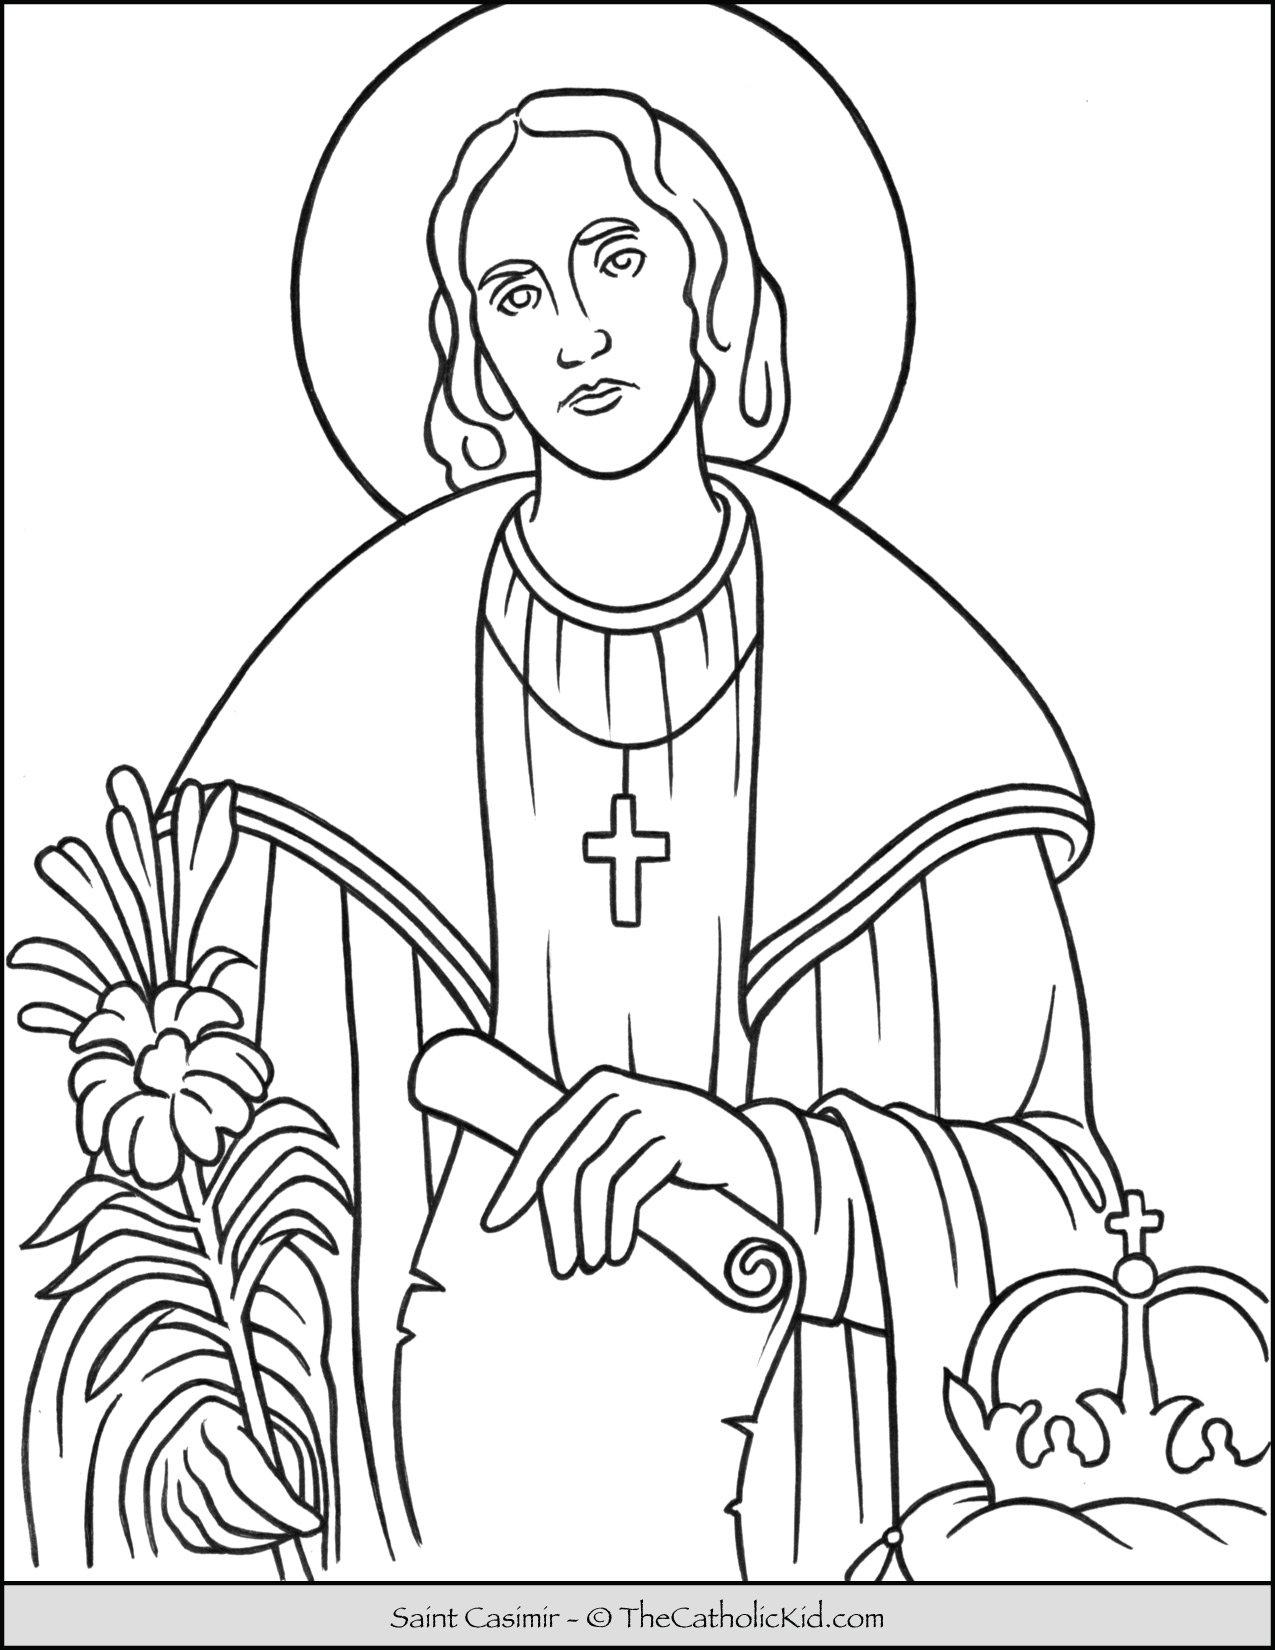 Saint Casimir Coloring Page